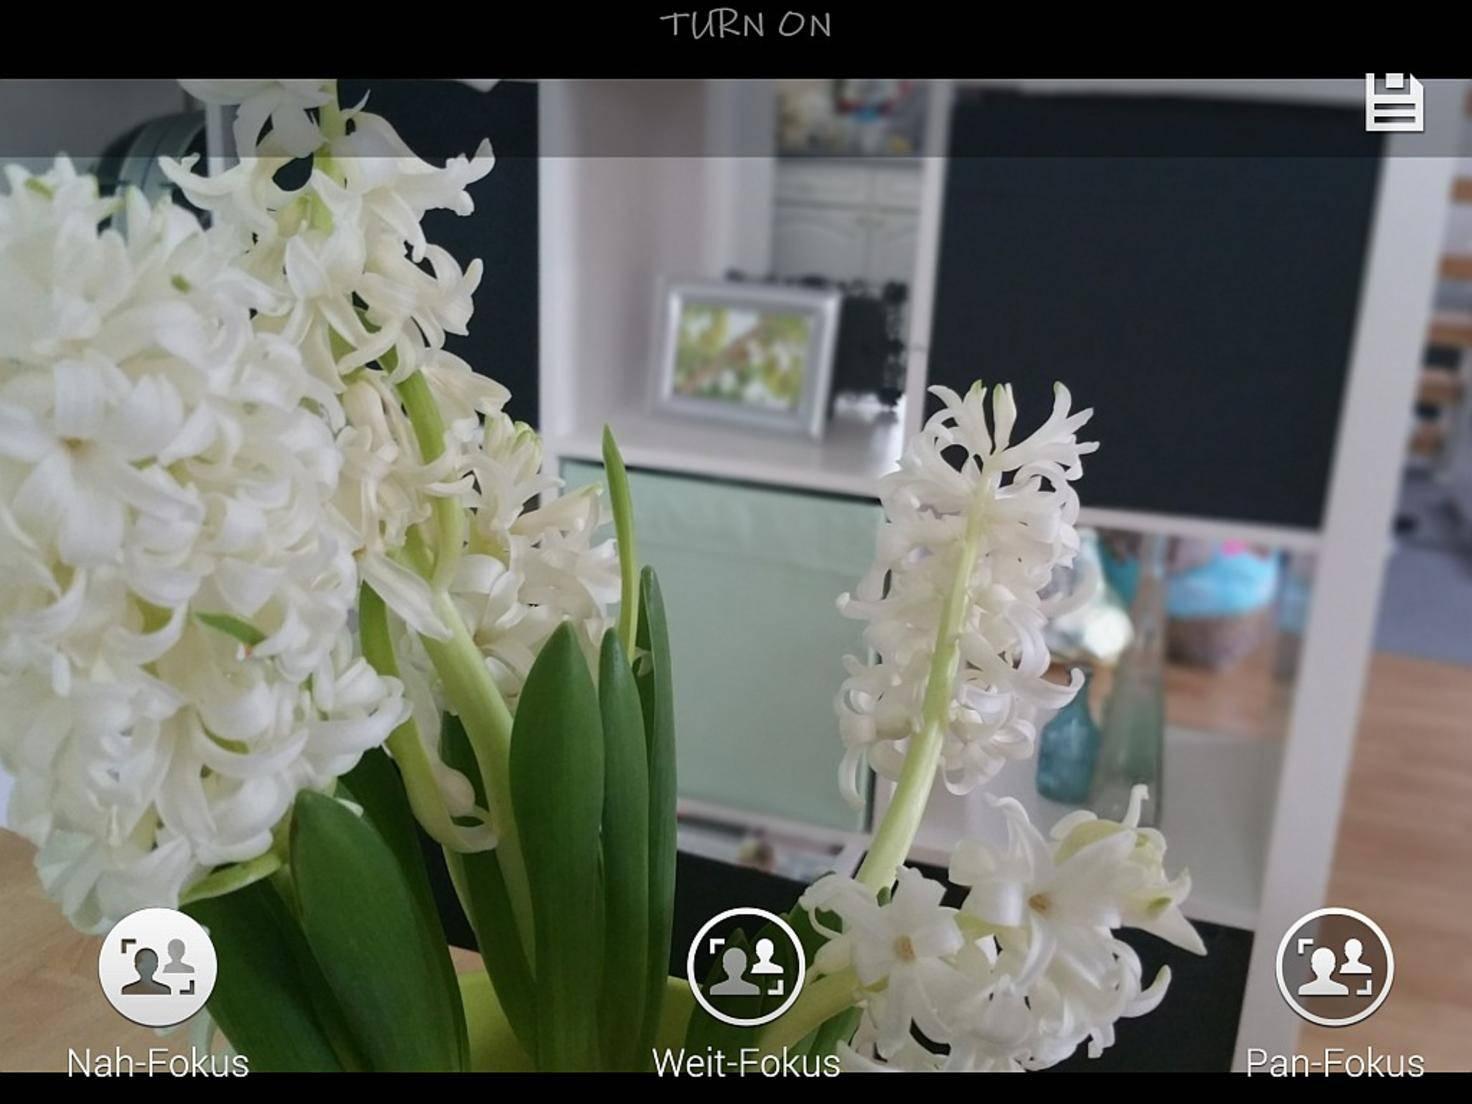 Hier ist die Blume im Vordergrund fokussiert.